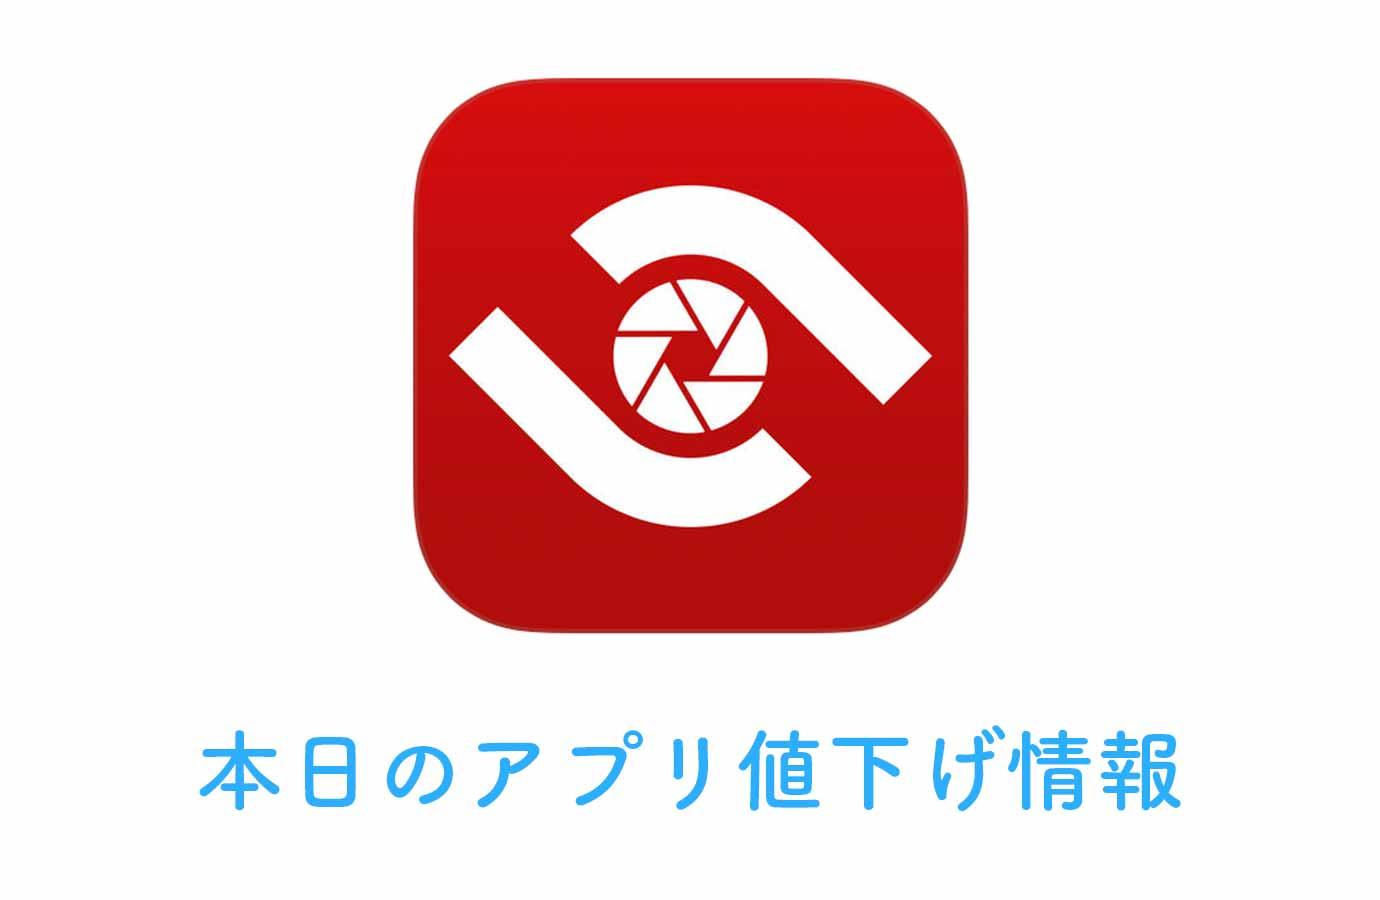 600円→無料!写真を撮影、編集、すべての機能が揃った「ACDSee Pro」など【11/27】アプリ値下げ情報